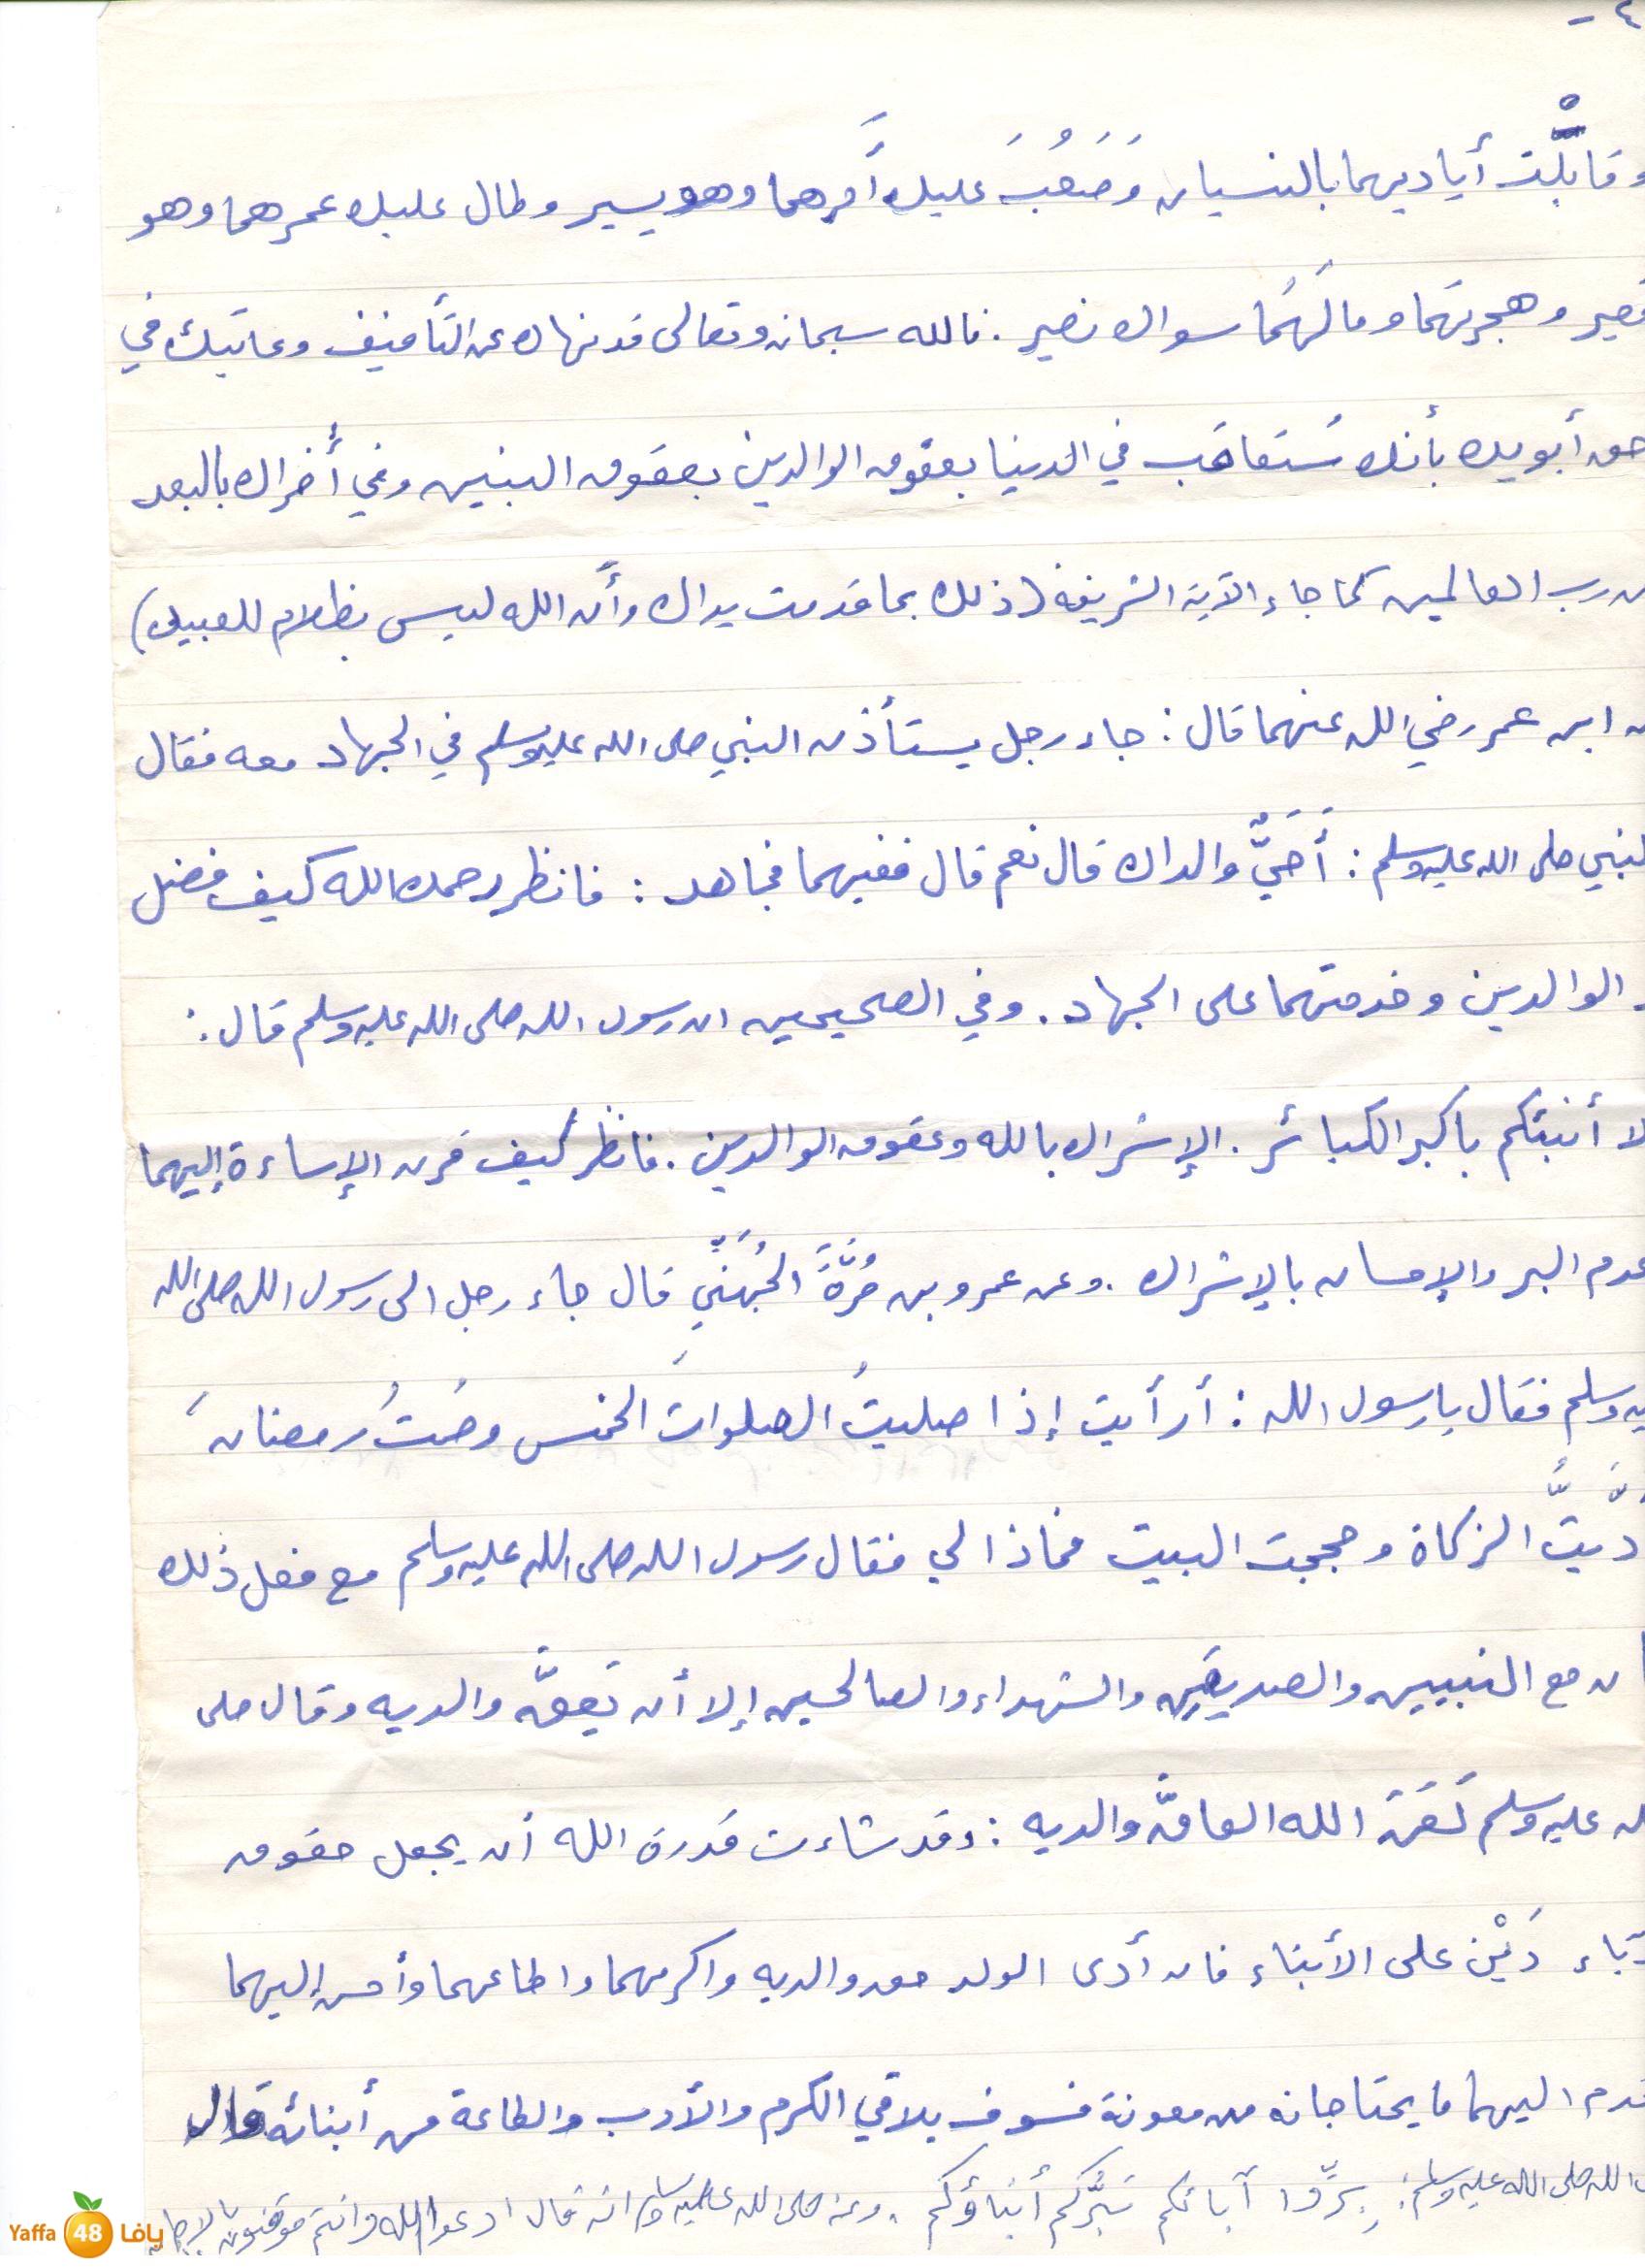 يافا مرور عام على وفاة الحاج محمود علي ريحان أبو سامي موقع يافا 48 الإخباري